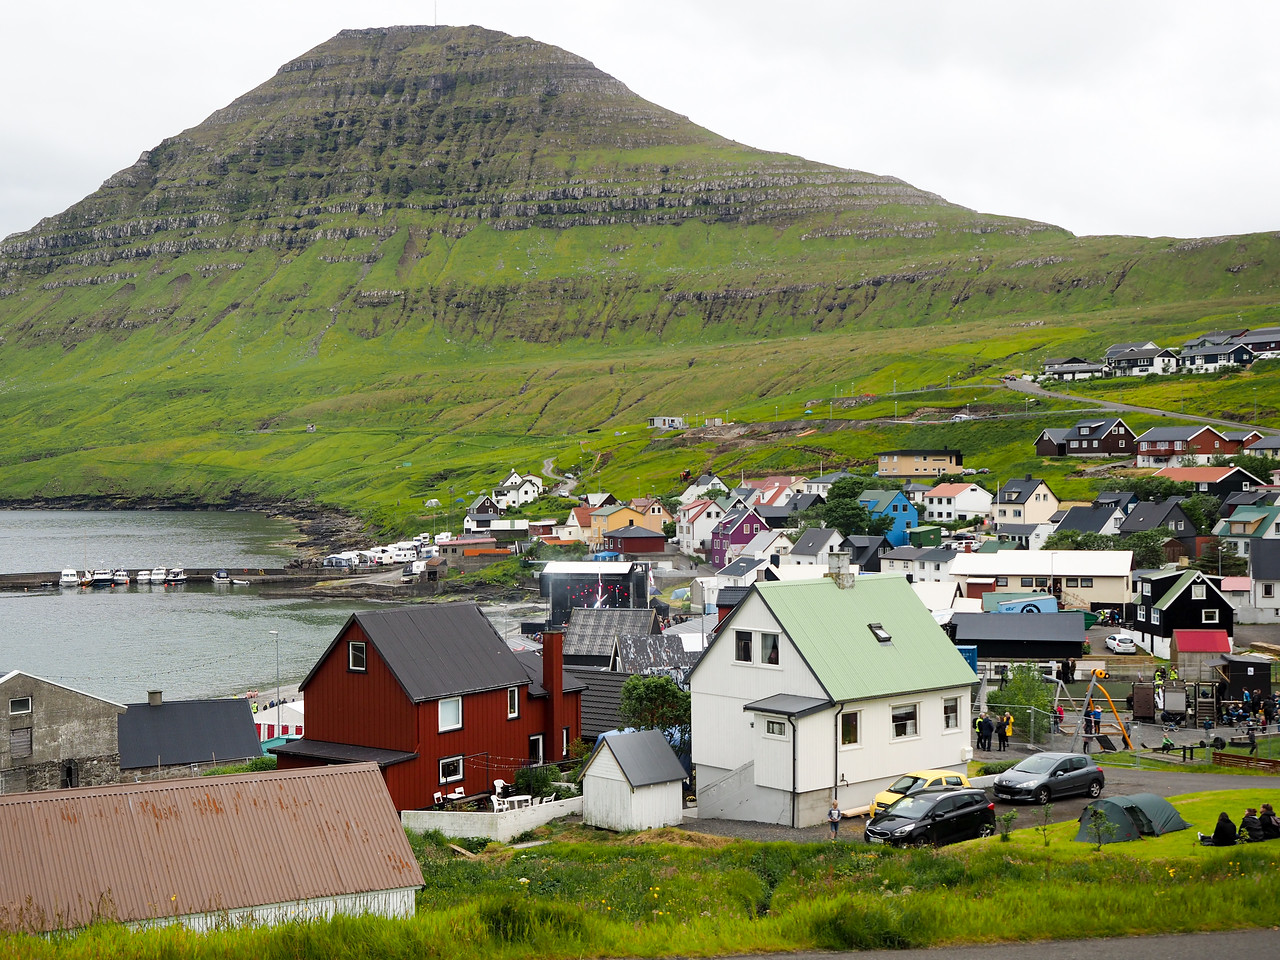 Village of Gøta in the Faroe Islands